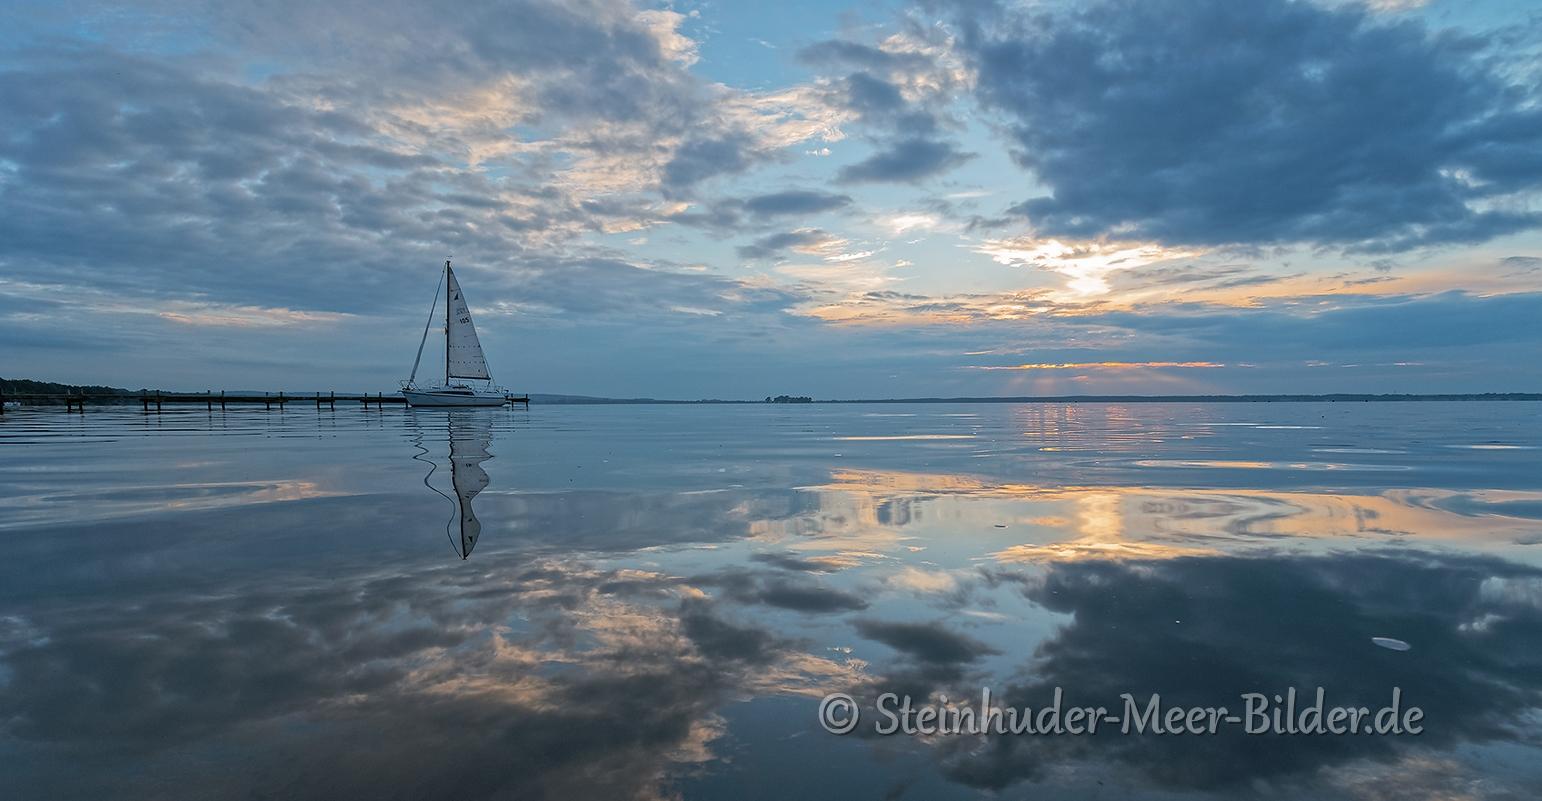 Wolken-Wolkenhimmel-Segelboot-Boot-Sonnenuntergang-Abendhimmel-Daemmerung-Abendstimmung-Abendlicht-Steinhuder Meer-D_SAM-NX500_0500